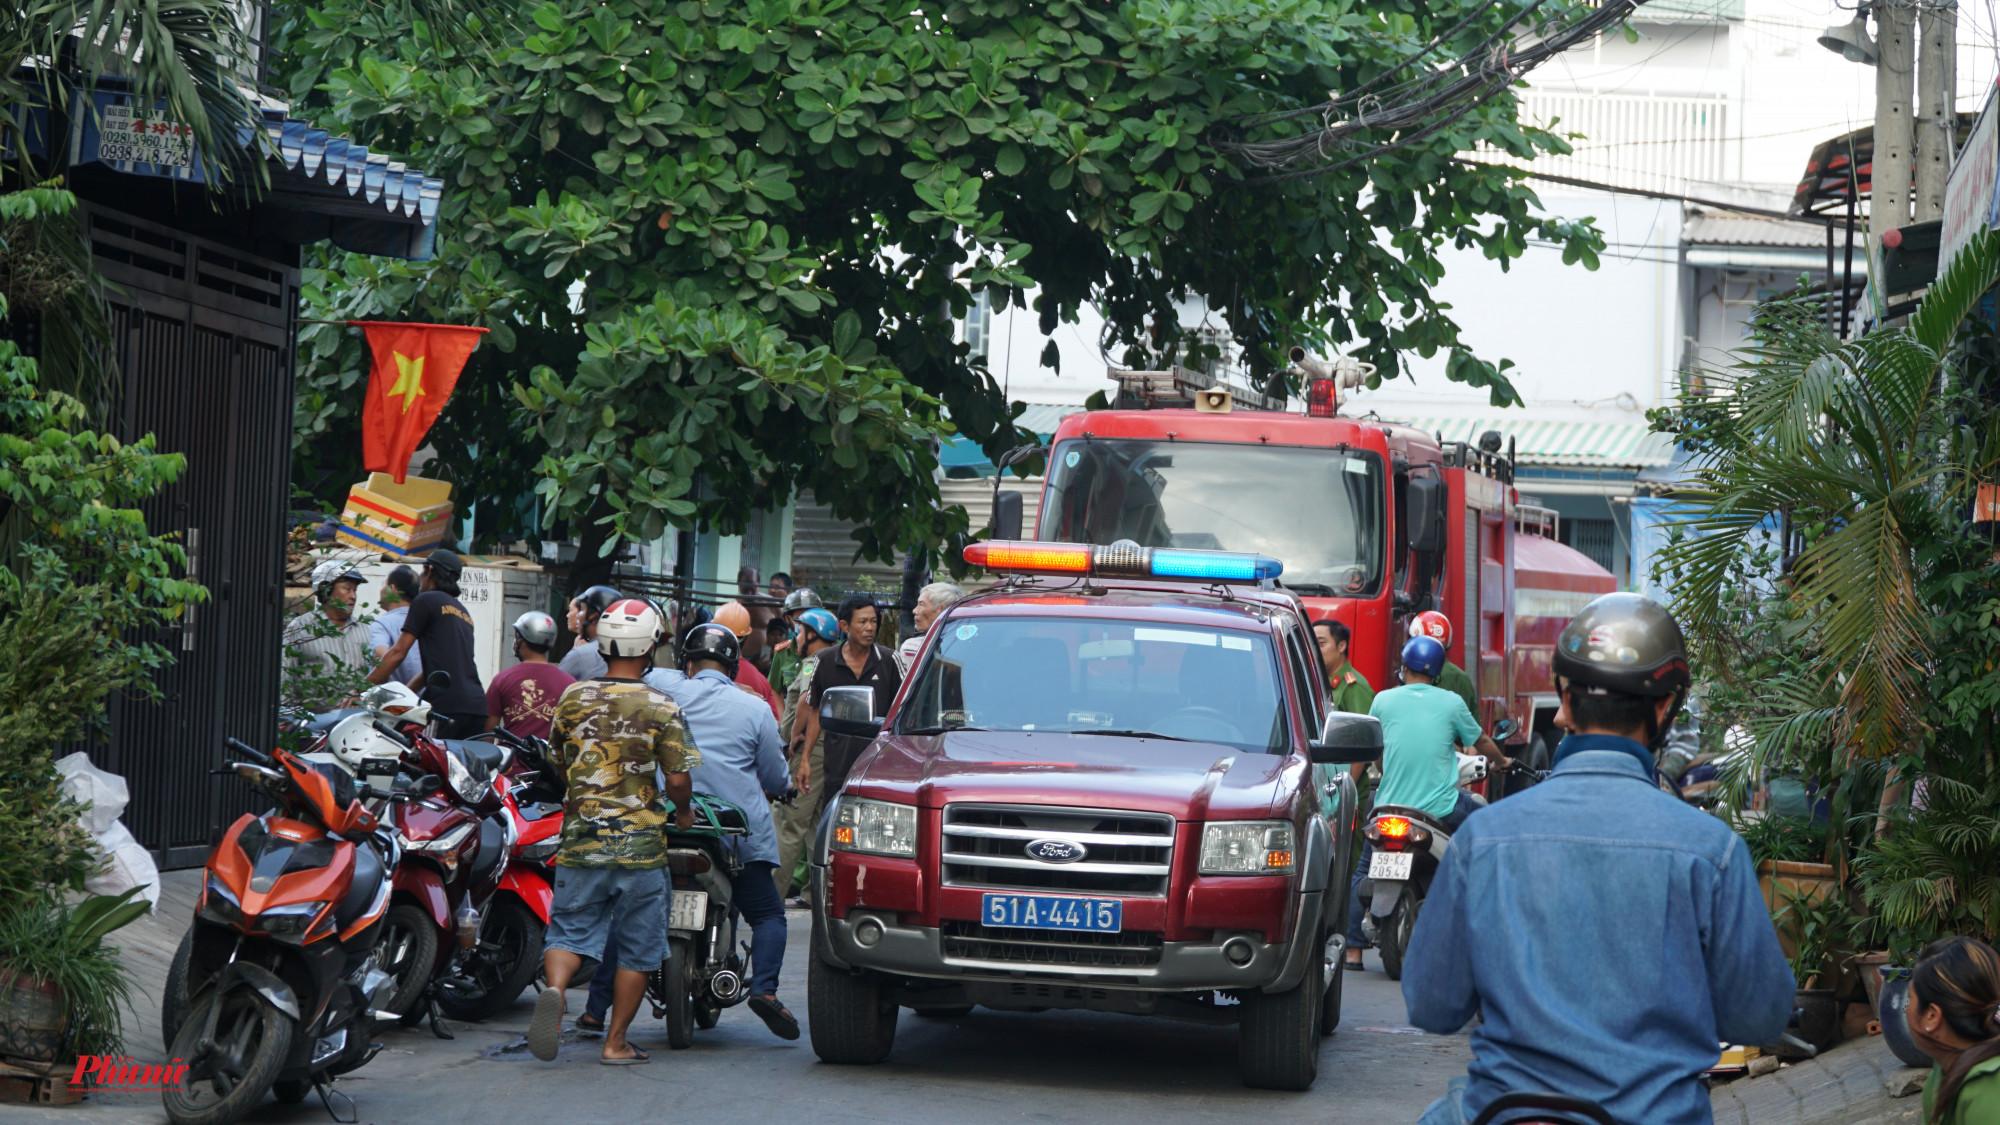 Lực lượng PCCC quận Bình Tân nhanh chóng có mặt dập lửa